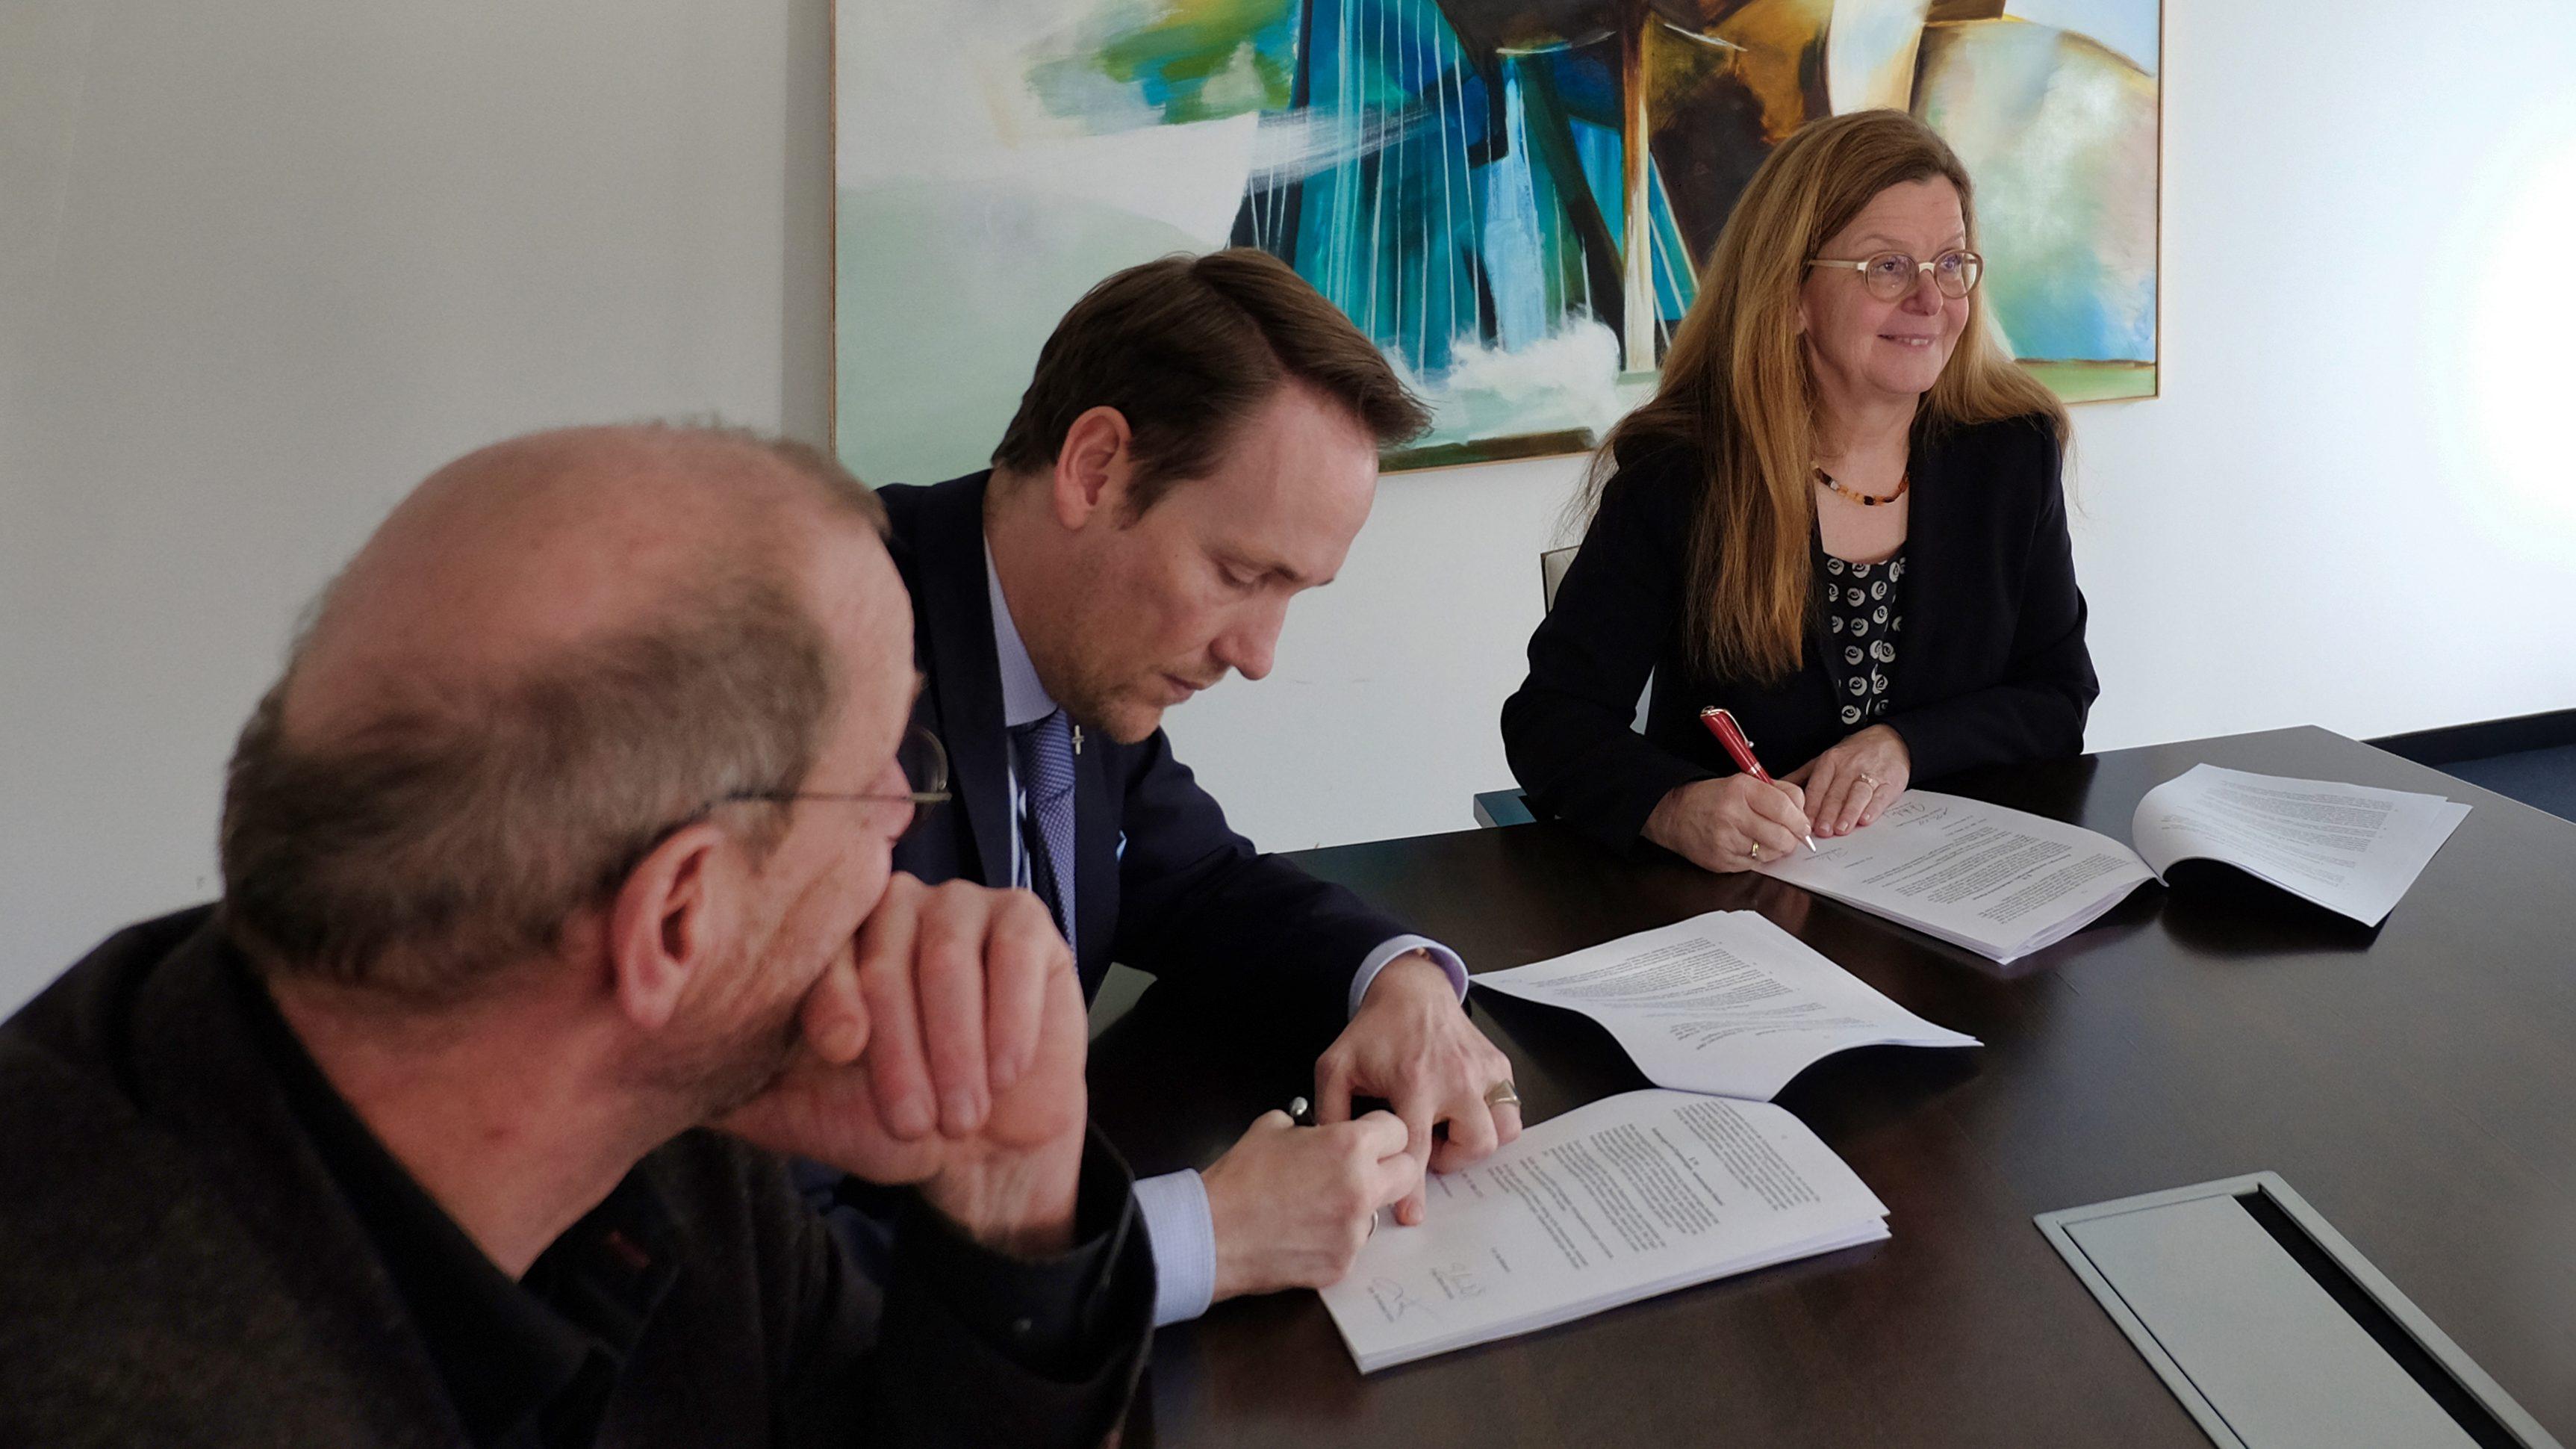 Erste Mieter im AntoniterQuartier: Thesauros AG und Andörfer Rechtsanwälte beziehen Büroflächen